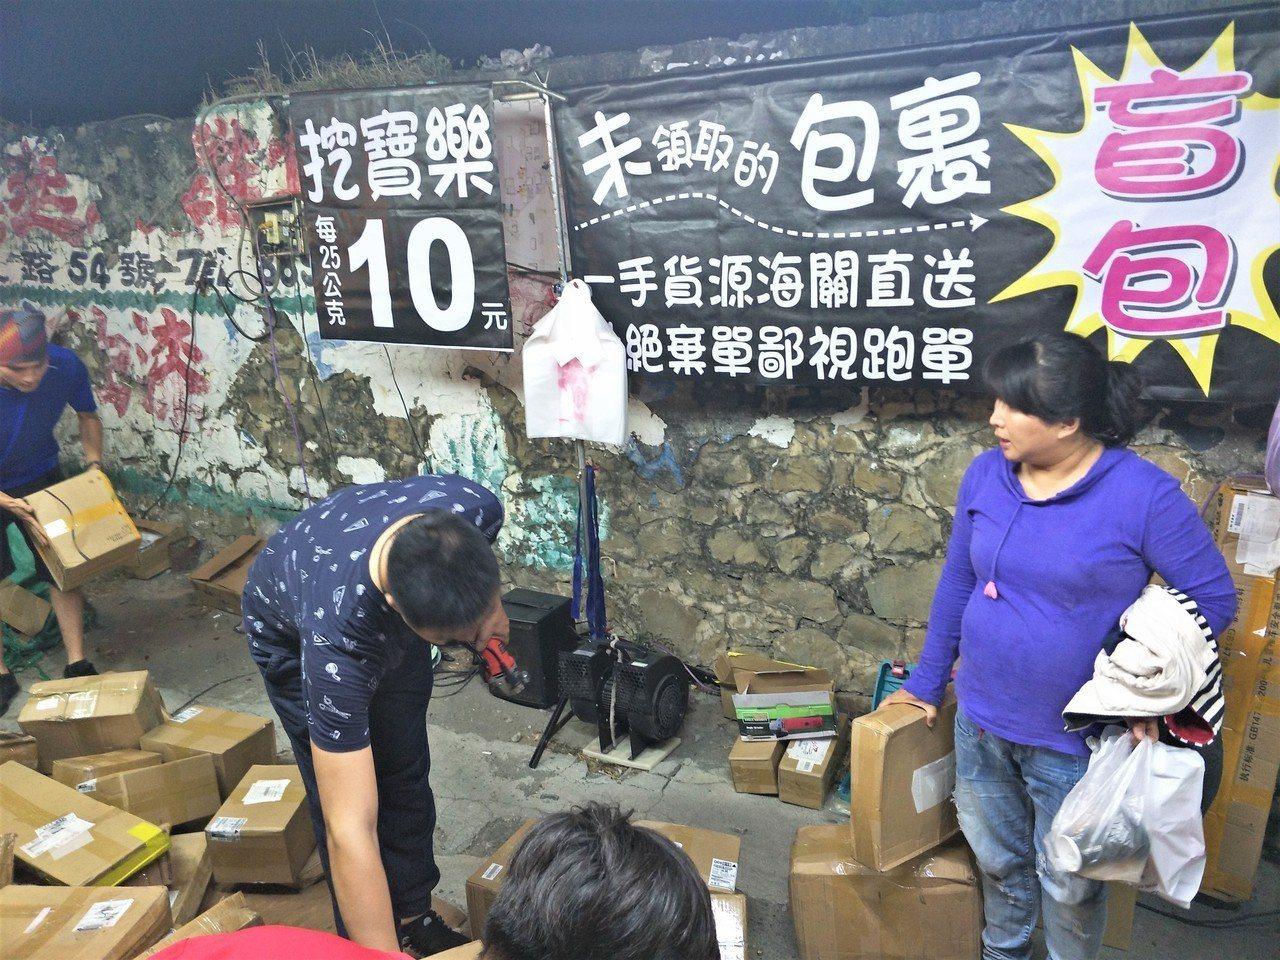 屏東各夜市最近興起一波「盲包」挖寶風潮,攤商宣稱是海關、超商物流沒人領或被退件的...